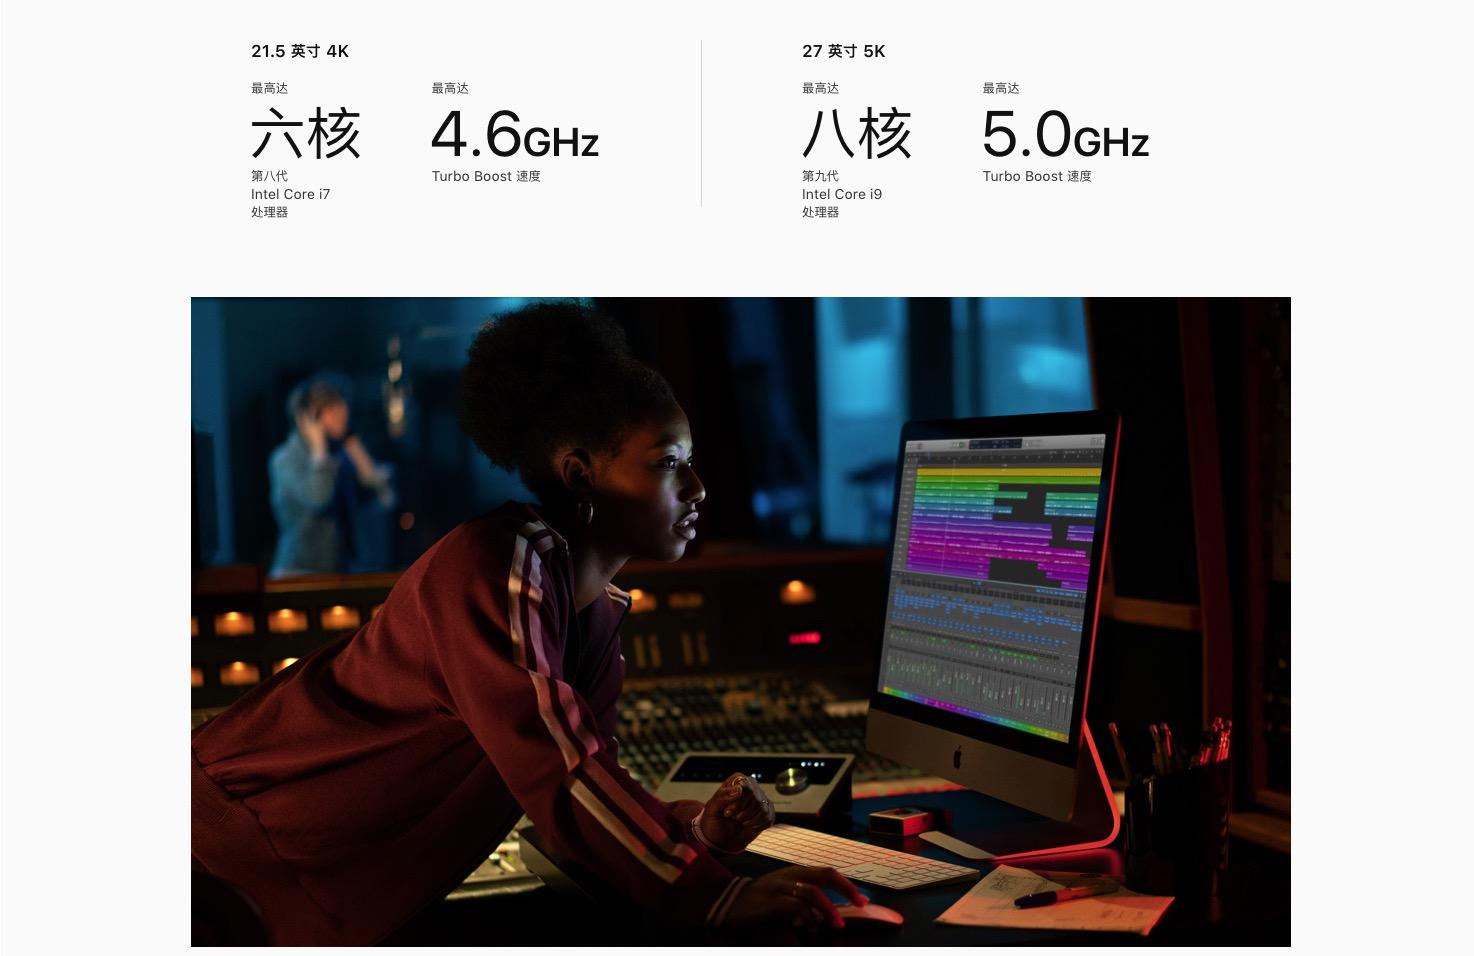 新款iMac发布 – 两倍性能提升,可选配Vega显卡的照片 - 2